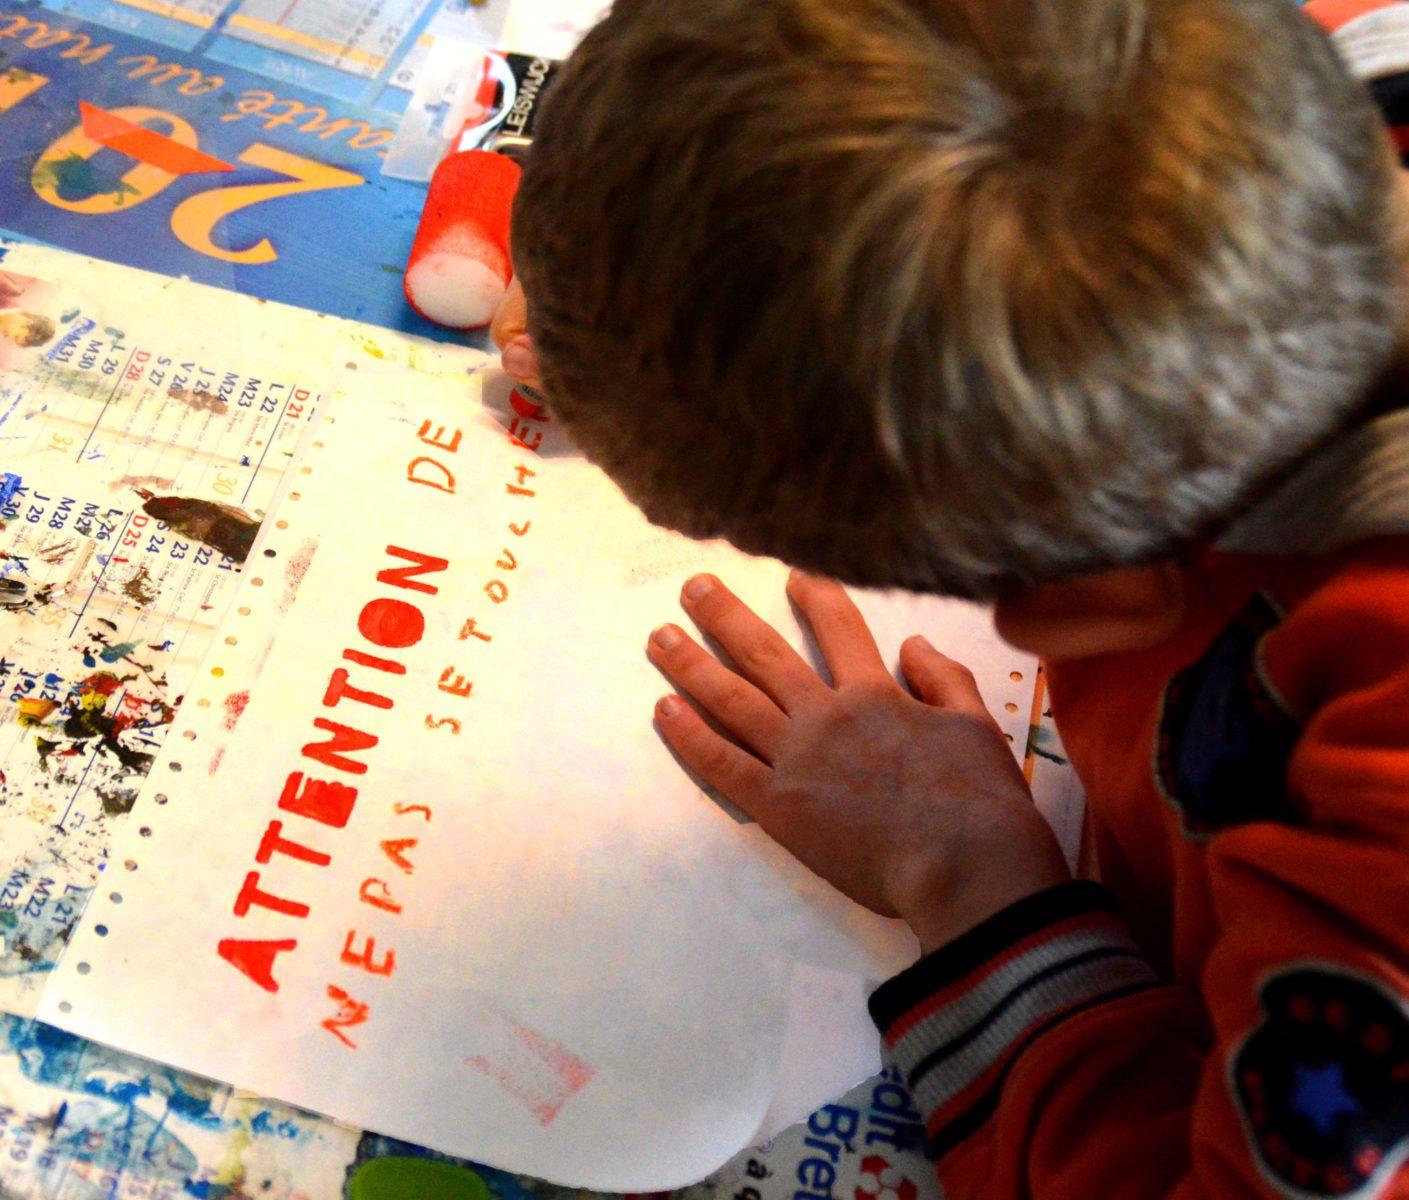 Réalisation d'affiches pour rappeler les gestes barrières.